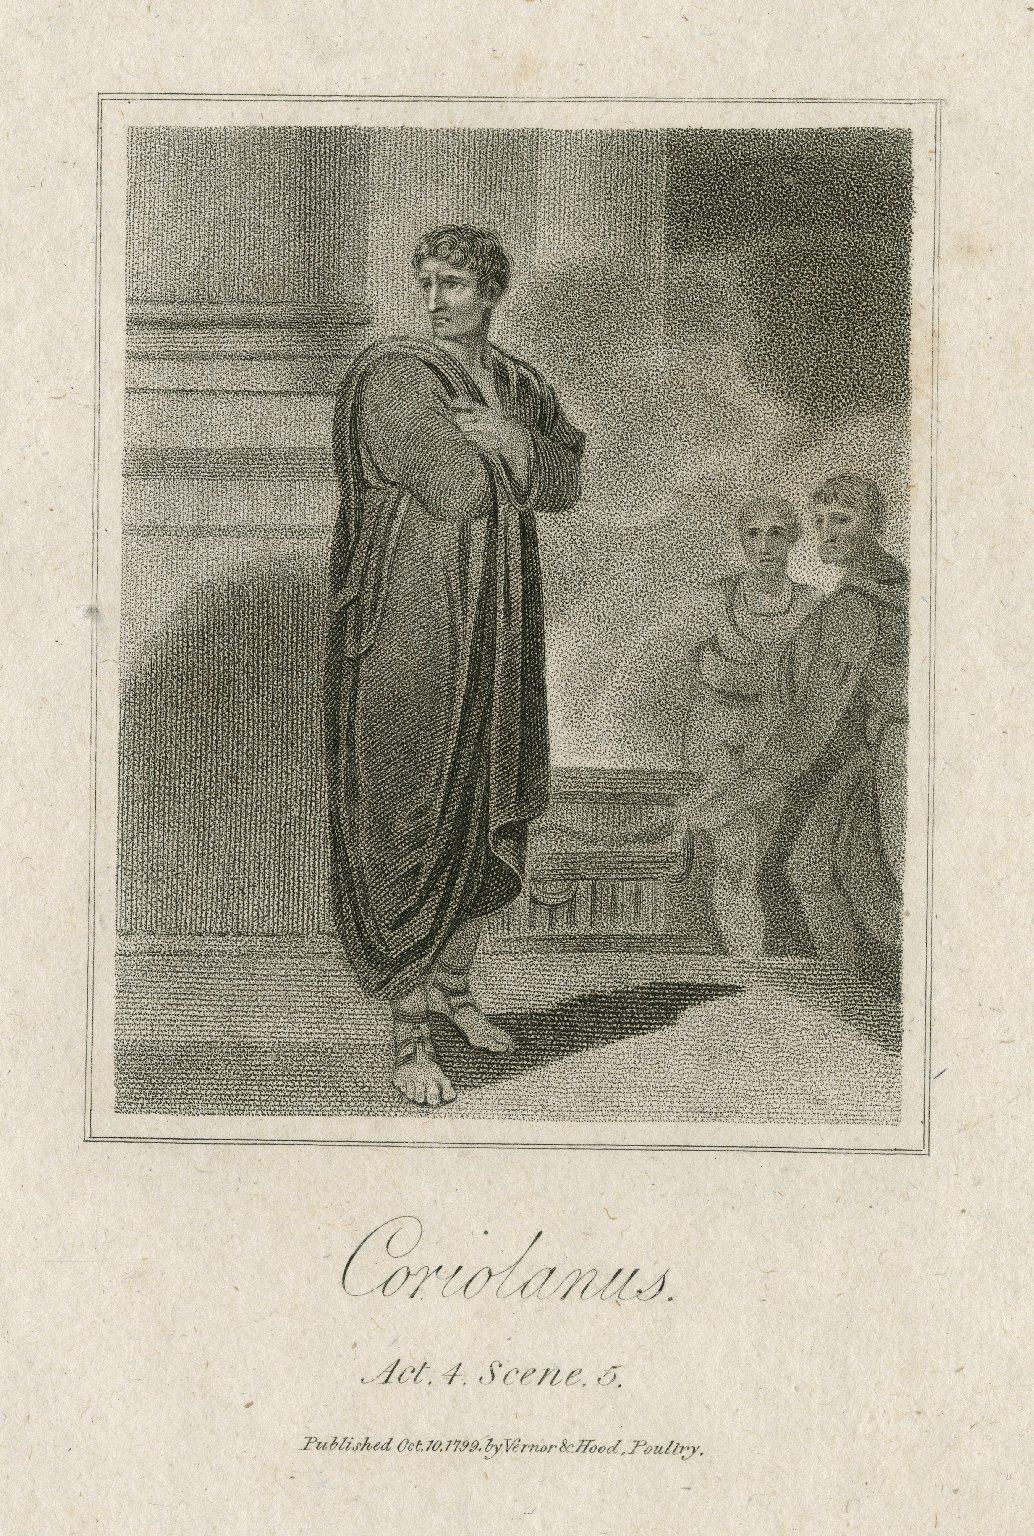 Coriolanus, act 4, scene 5 [graphic].